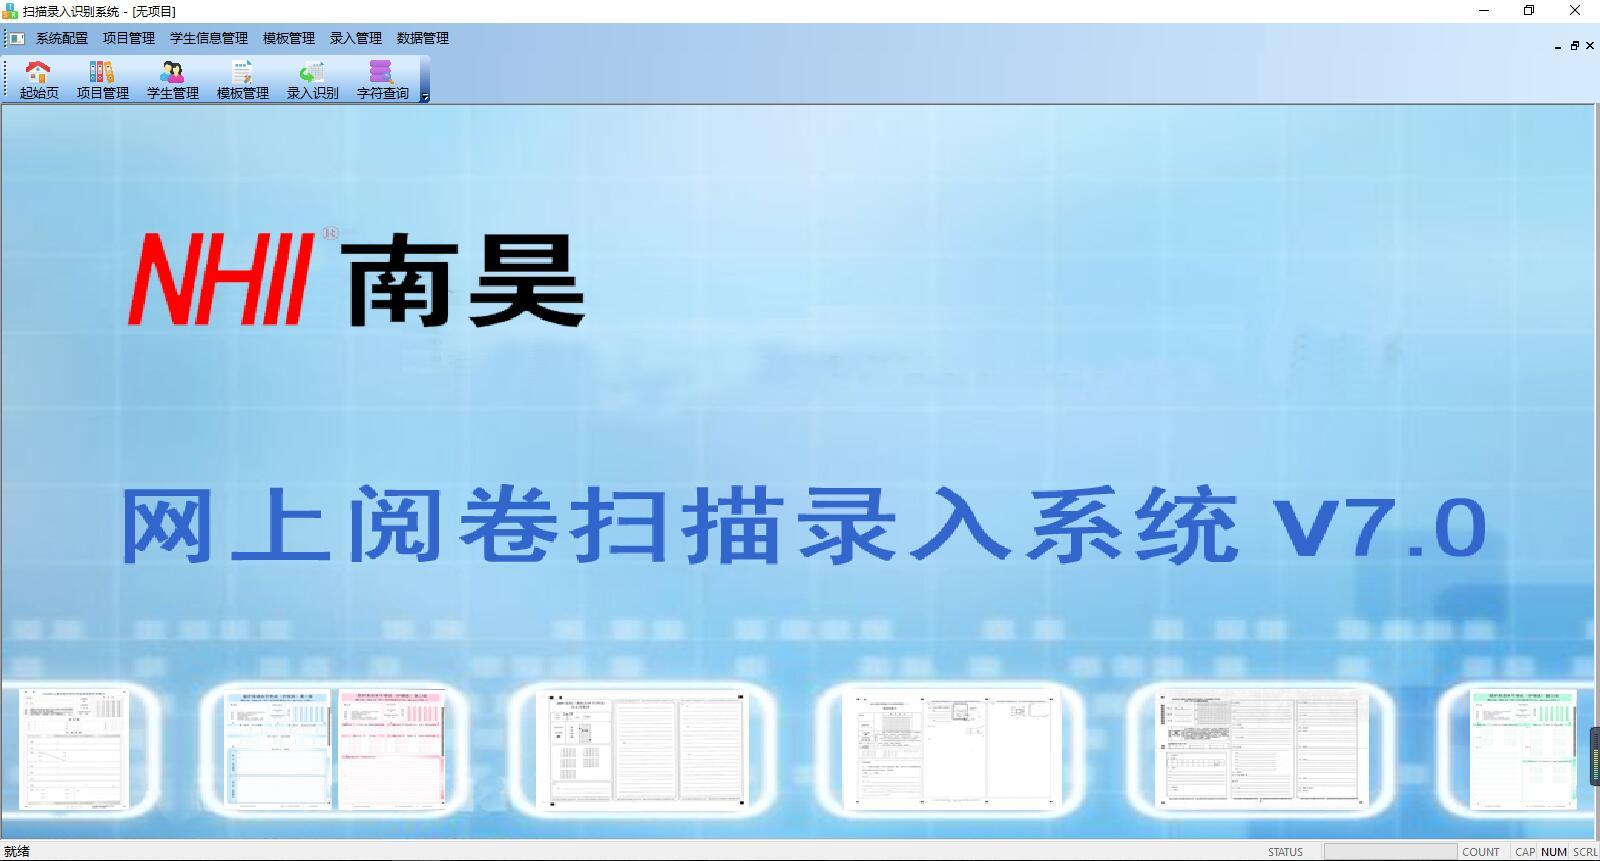 网上阅卷系统品牌 网上阅卷系统最新报价|新闻动态-河北文柏云考科技发展有限公司